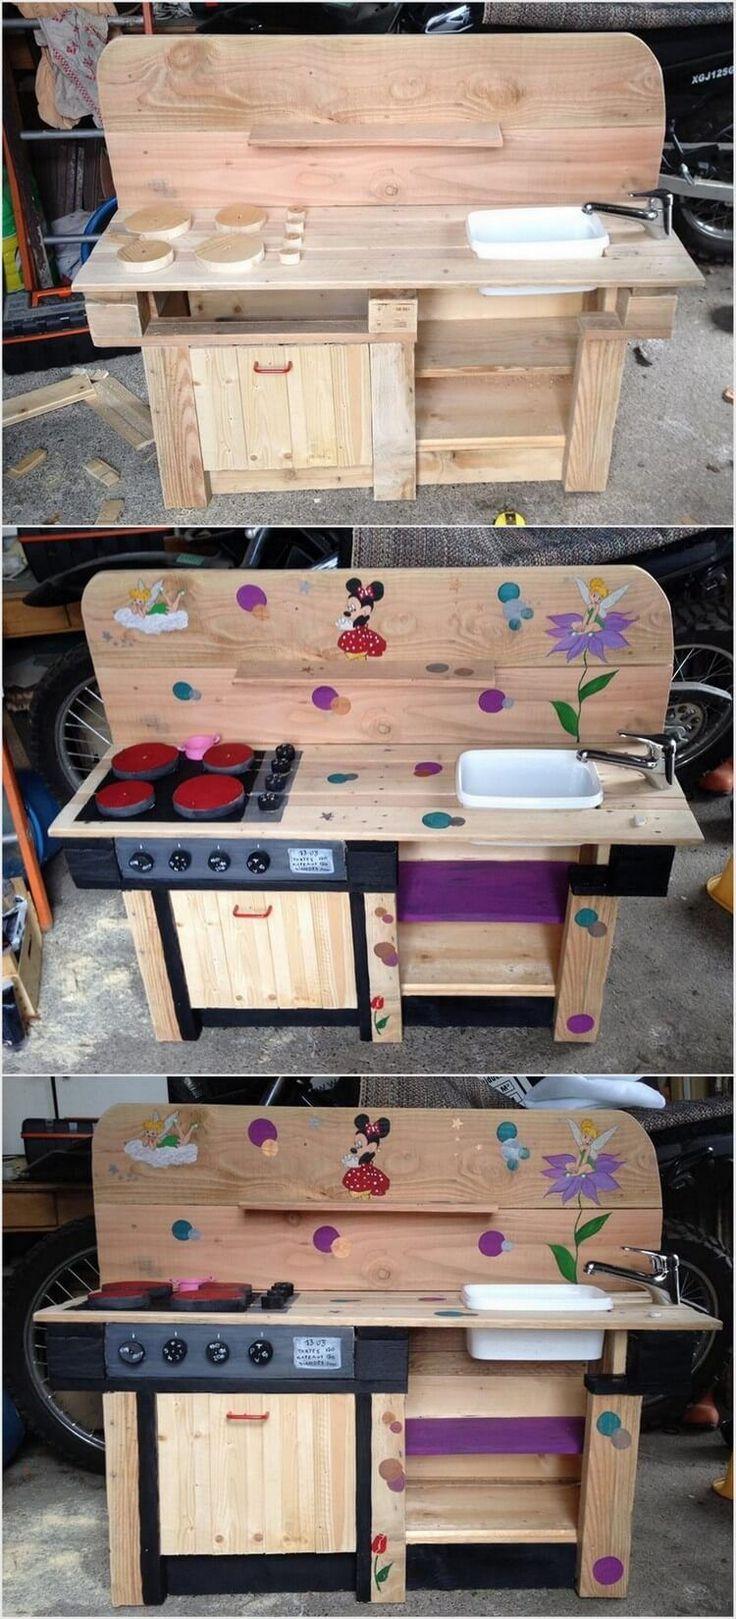 Mud kitchen upcycled pallet mud kitchen pallet kitchen counter with - Pallet Mud Kitchen For Kids